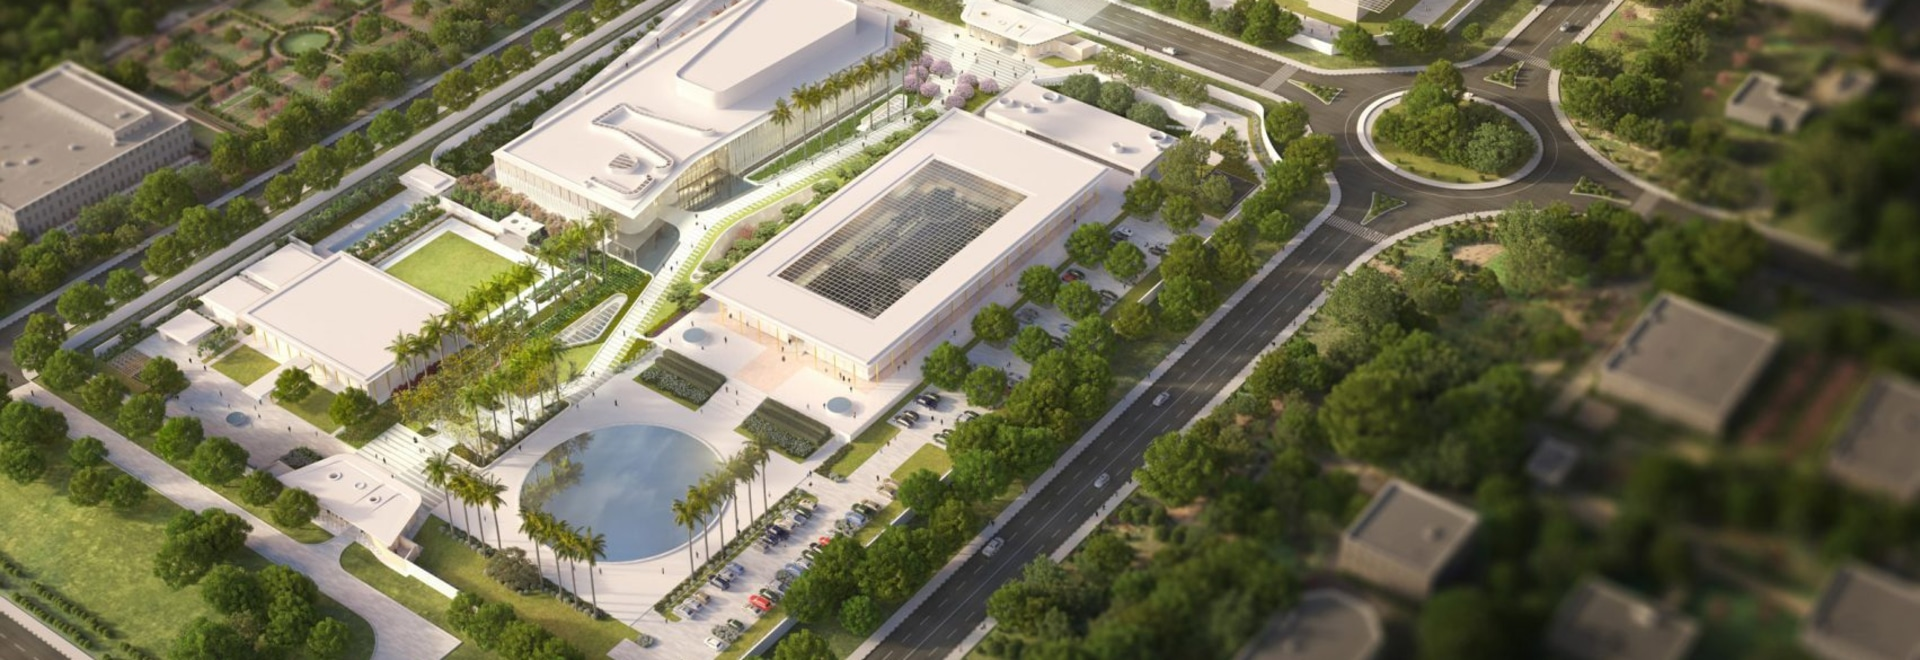 Weiss Manfredi unveils masterplan for New Delhi's modernist US Embassy